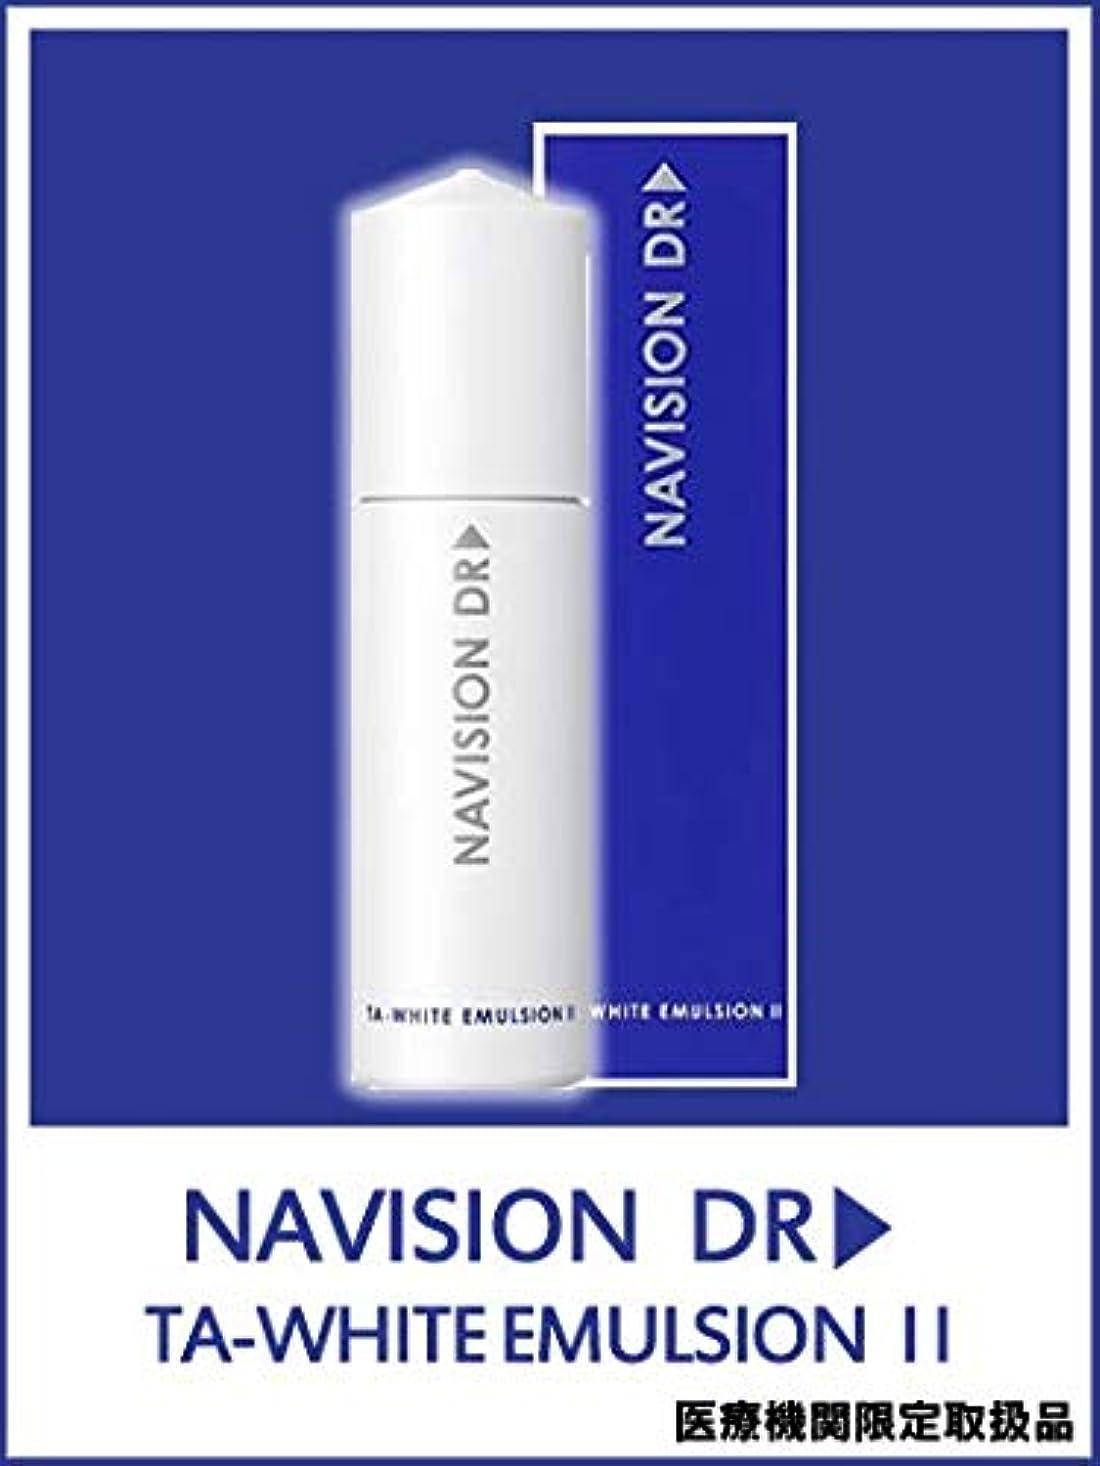 スチュワーデス奨励します名声NAVISION DR? ナビジョンDR TAホワイトエマルジョンⅡnしっとりうるおうタイプ(医薬部外品) 120mL